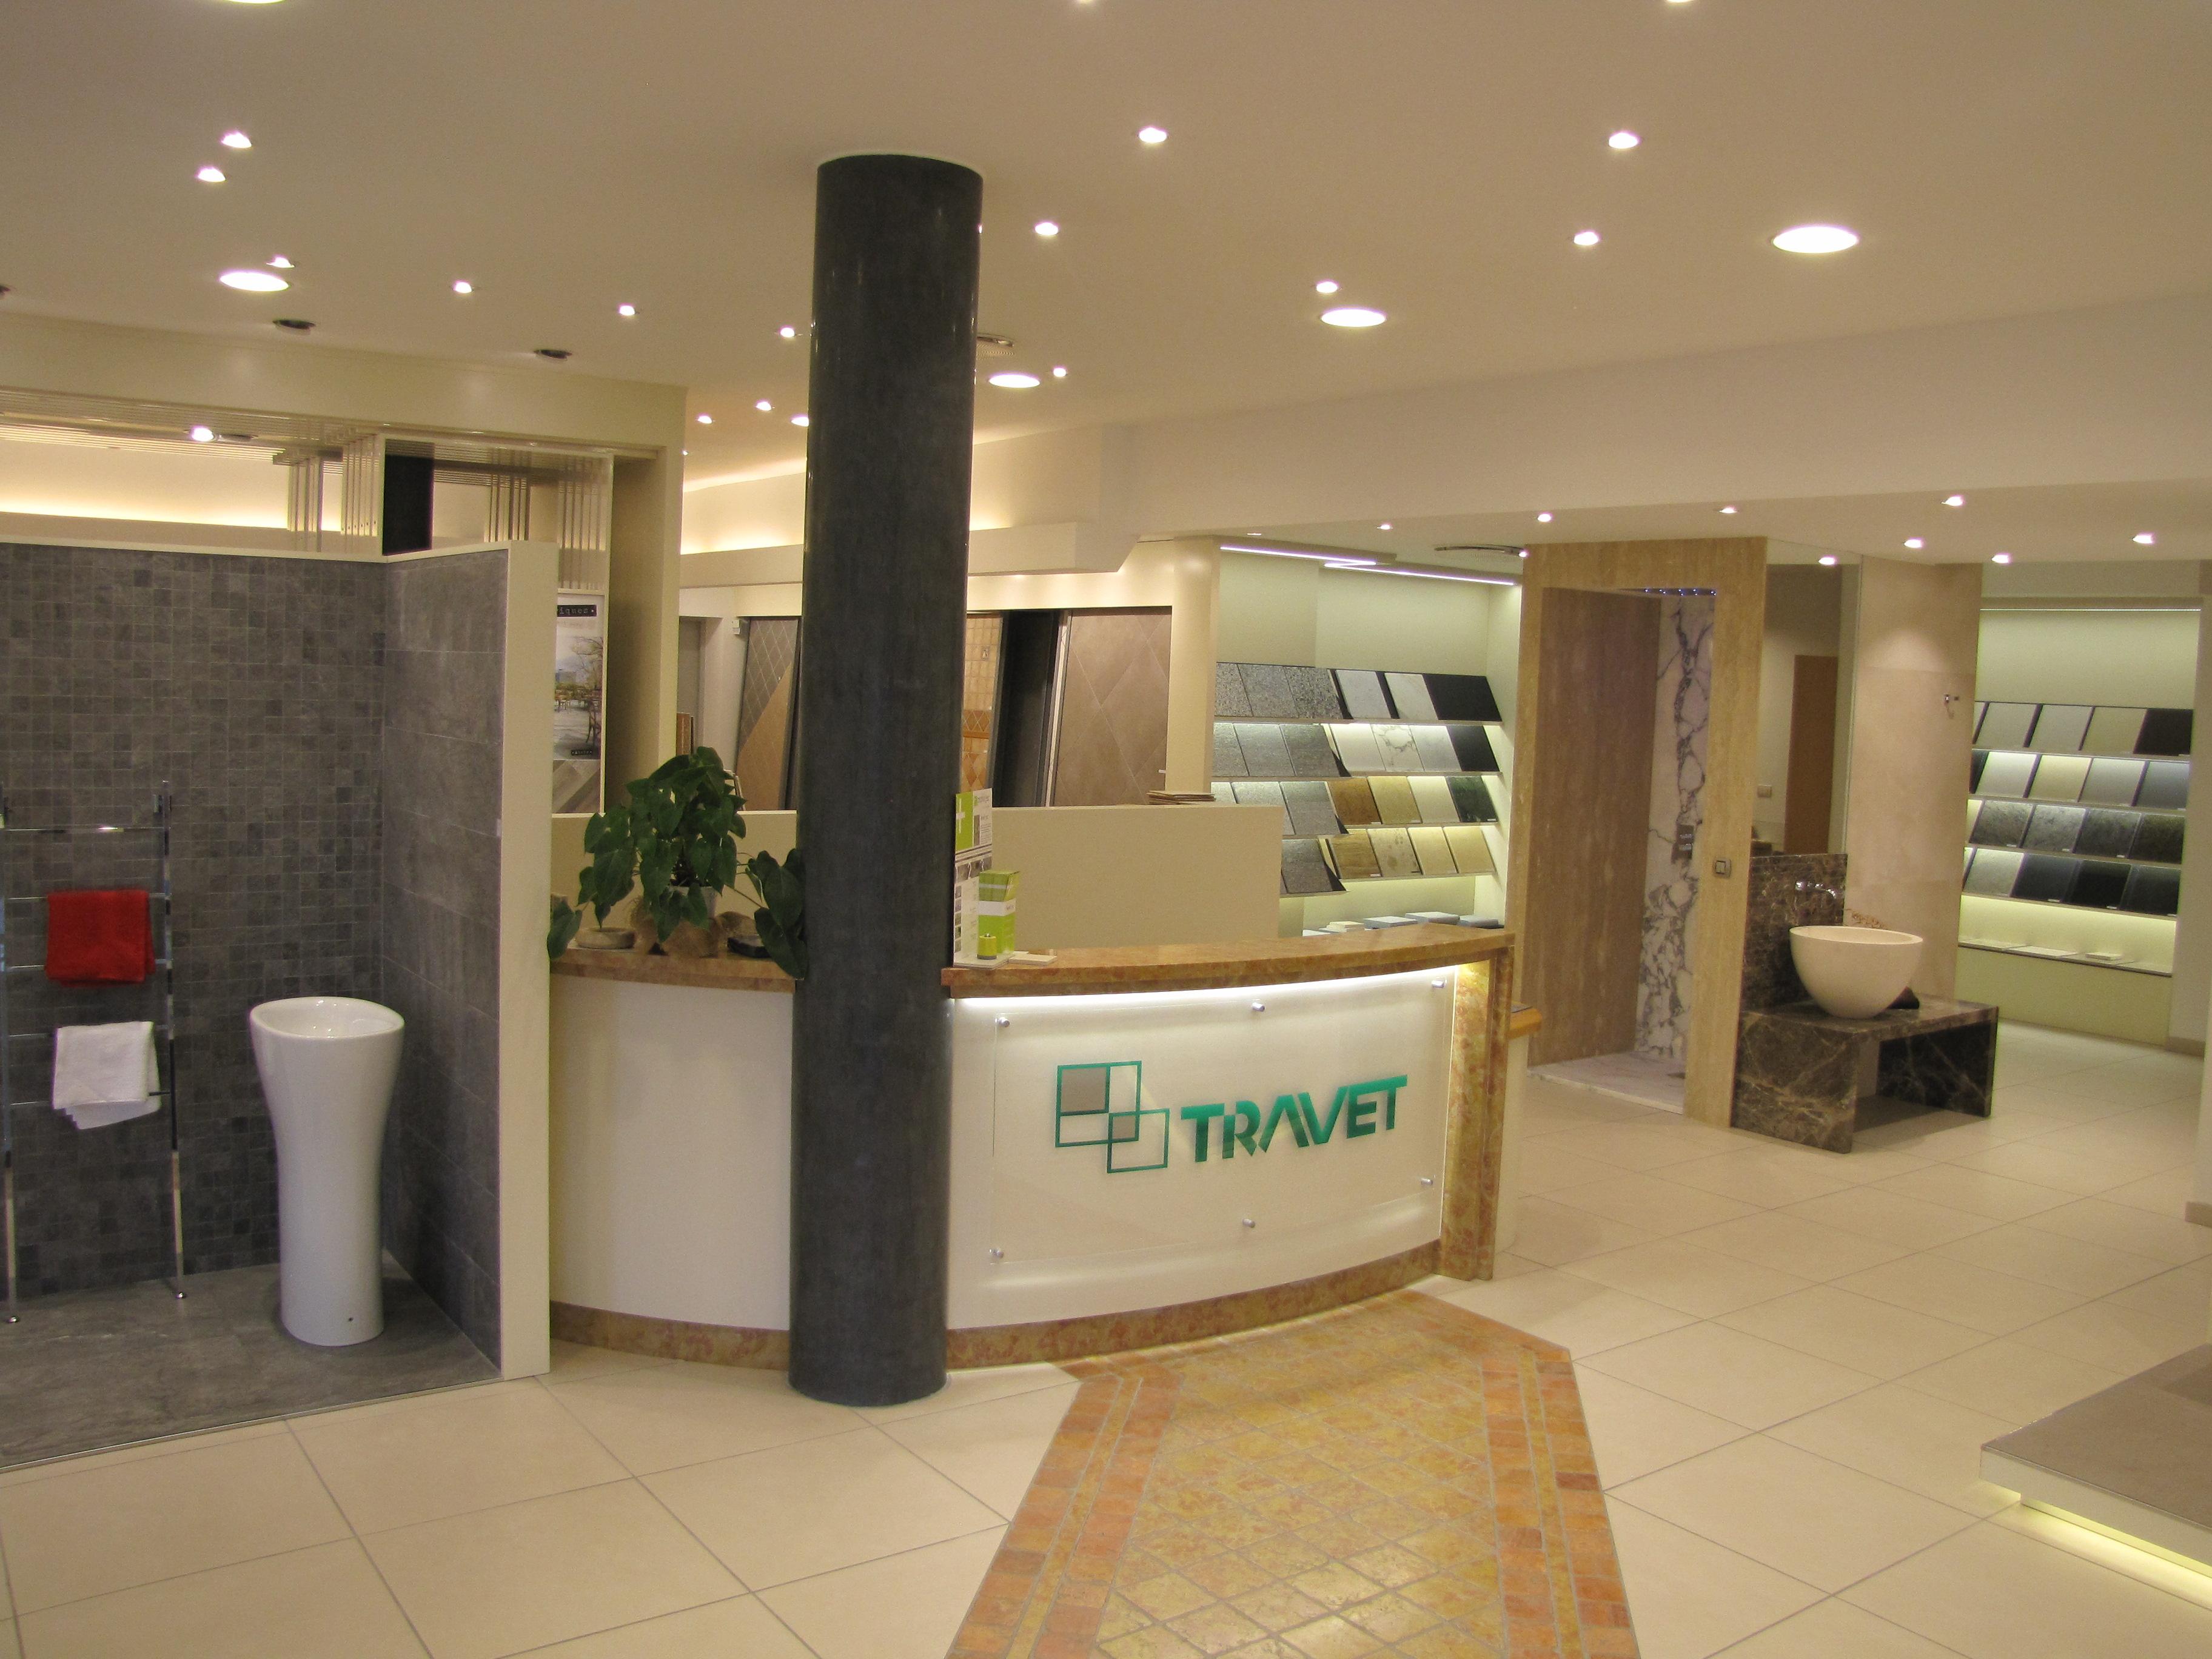 Vasca Da Bagno Offerte : Esposizione arredo bagno vasche idromassaggio vasche da bagno